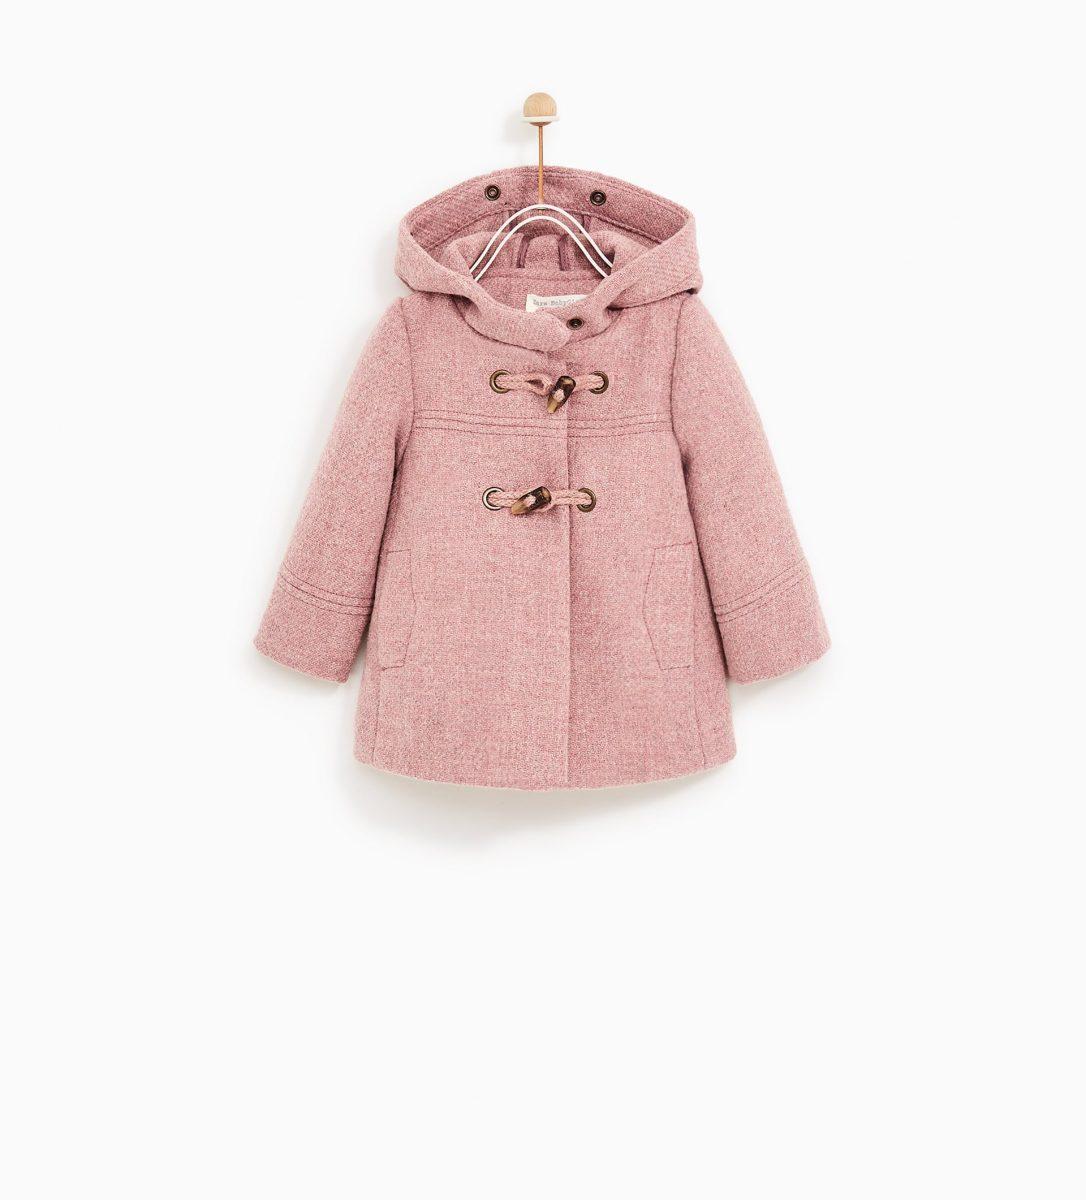 cappotto principessa Charlotte